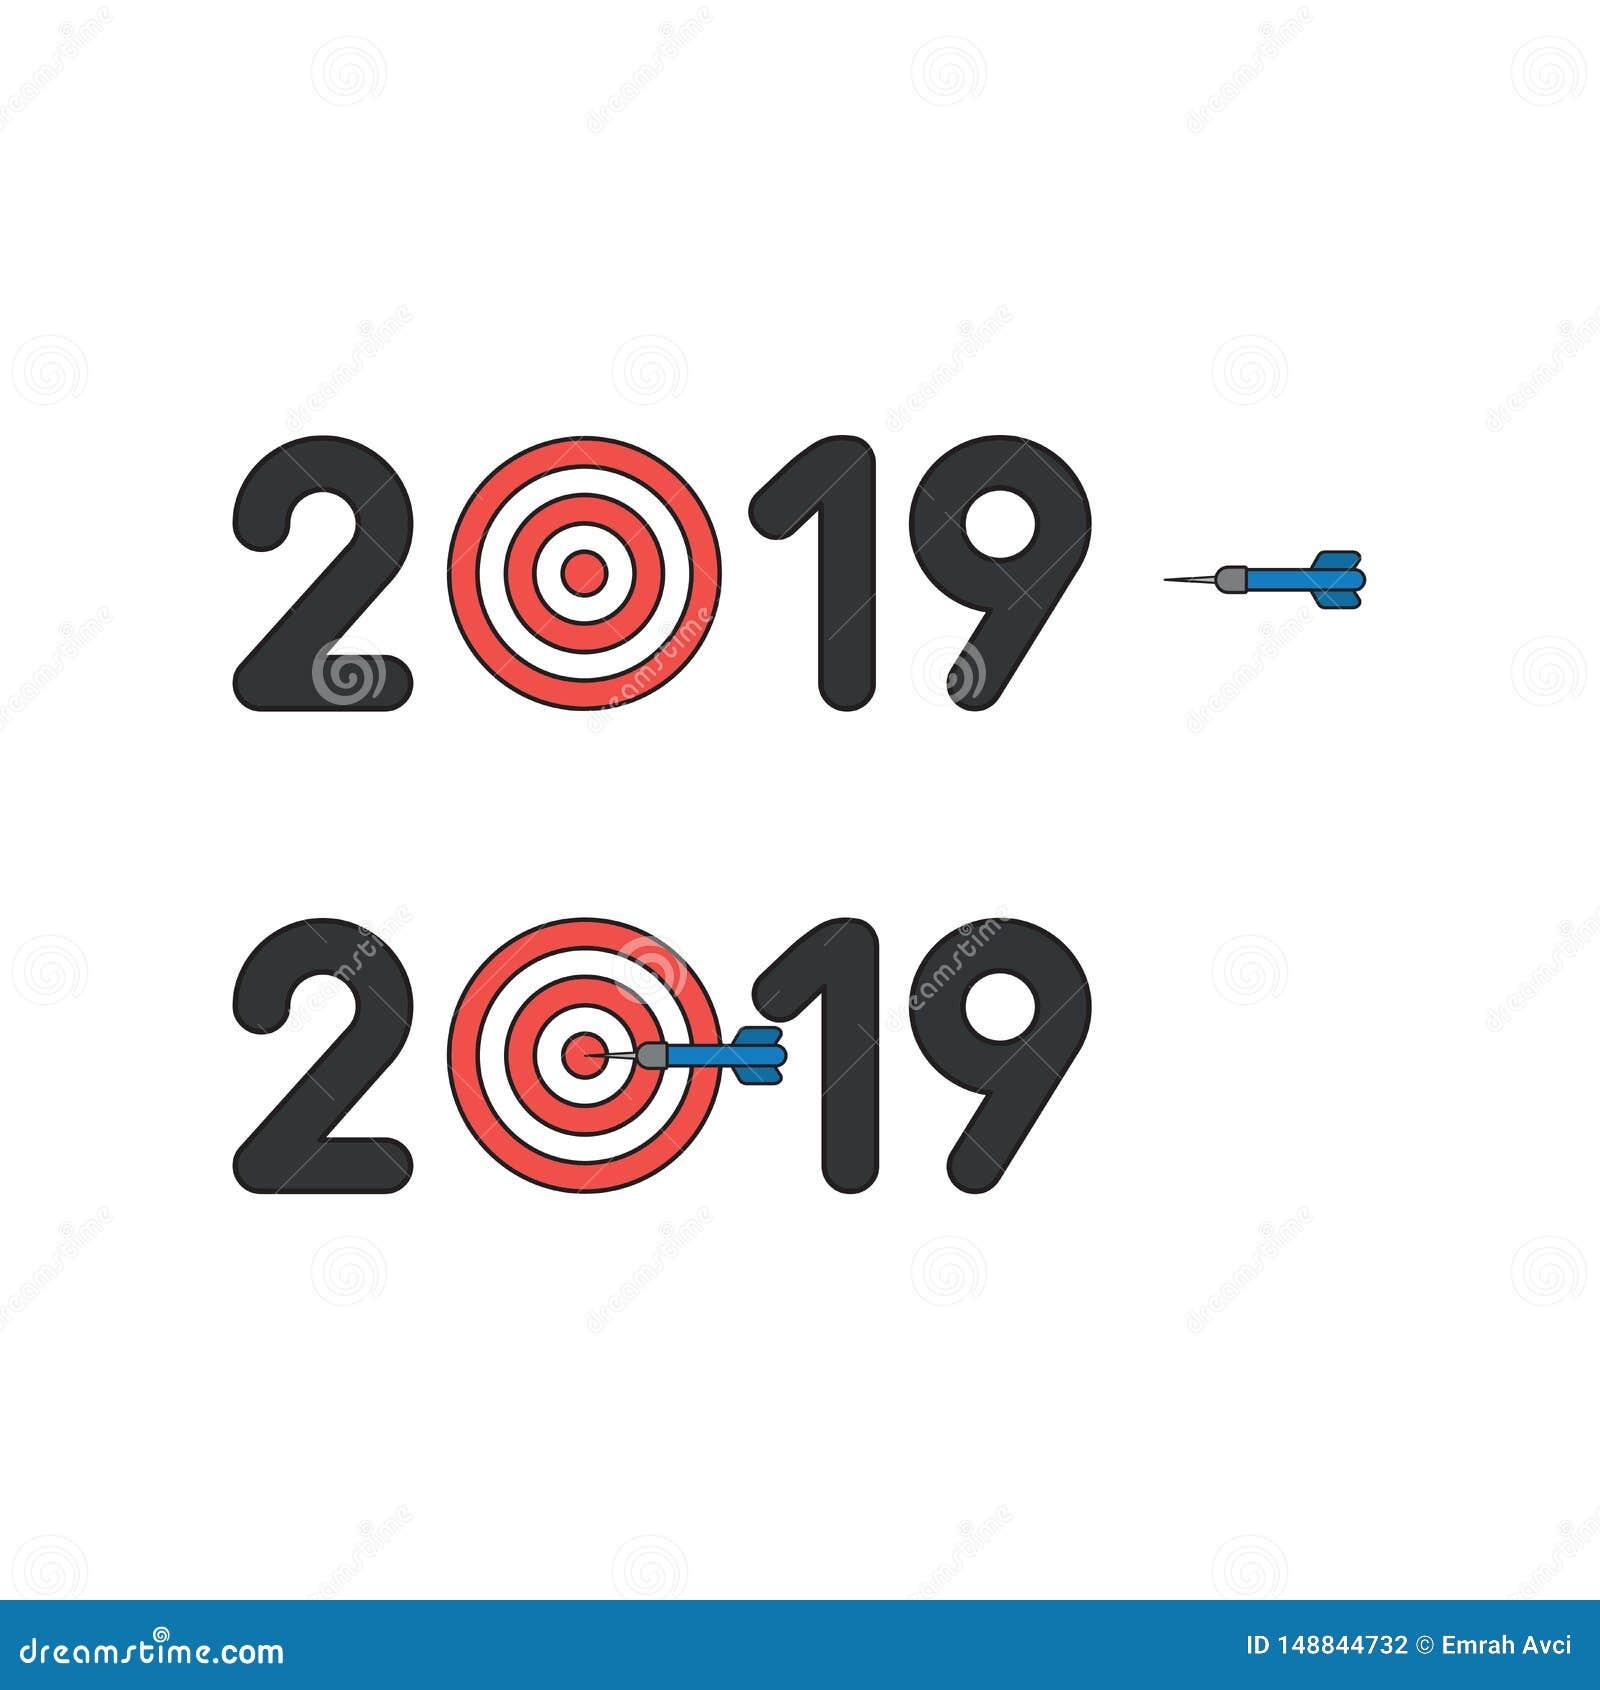 Vektorikonenkonzept von 2019 mit Stierauge und Pfeil in der Mitte